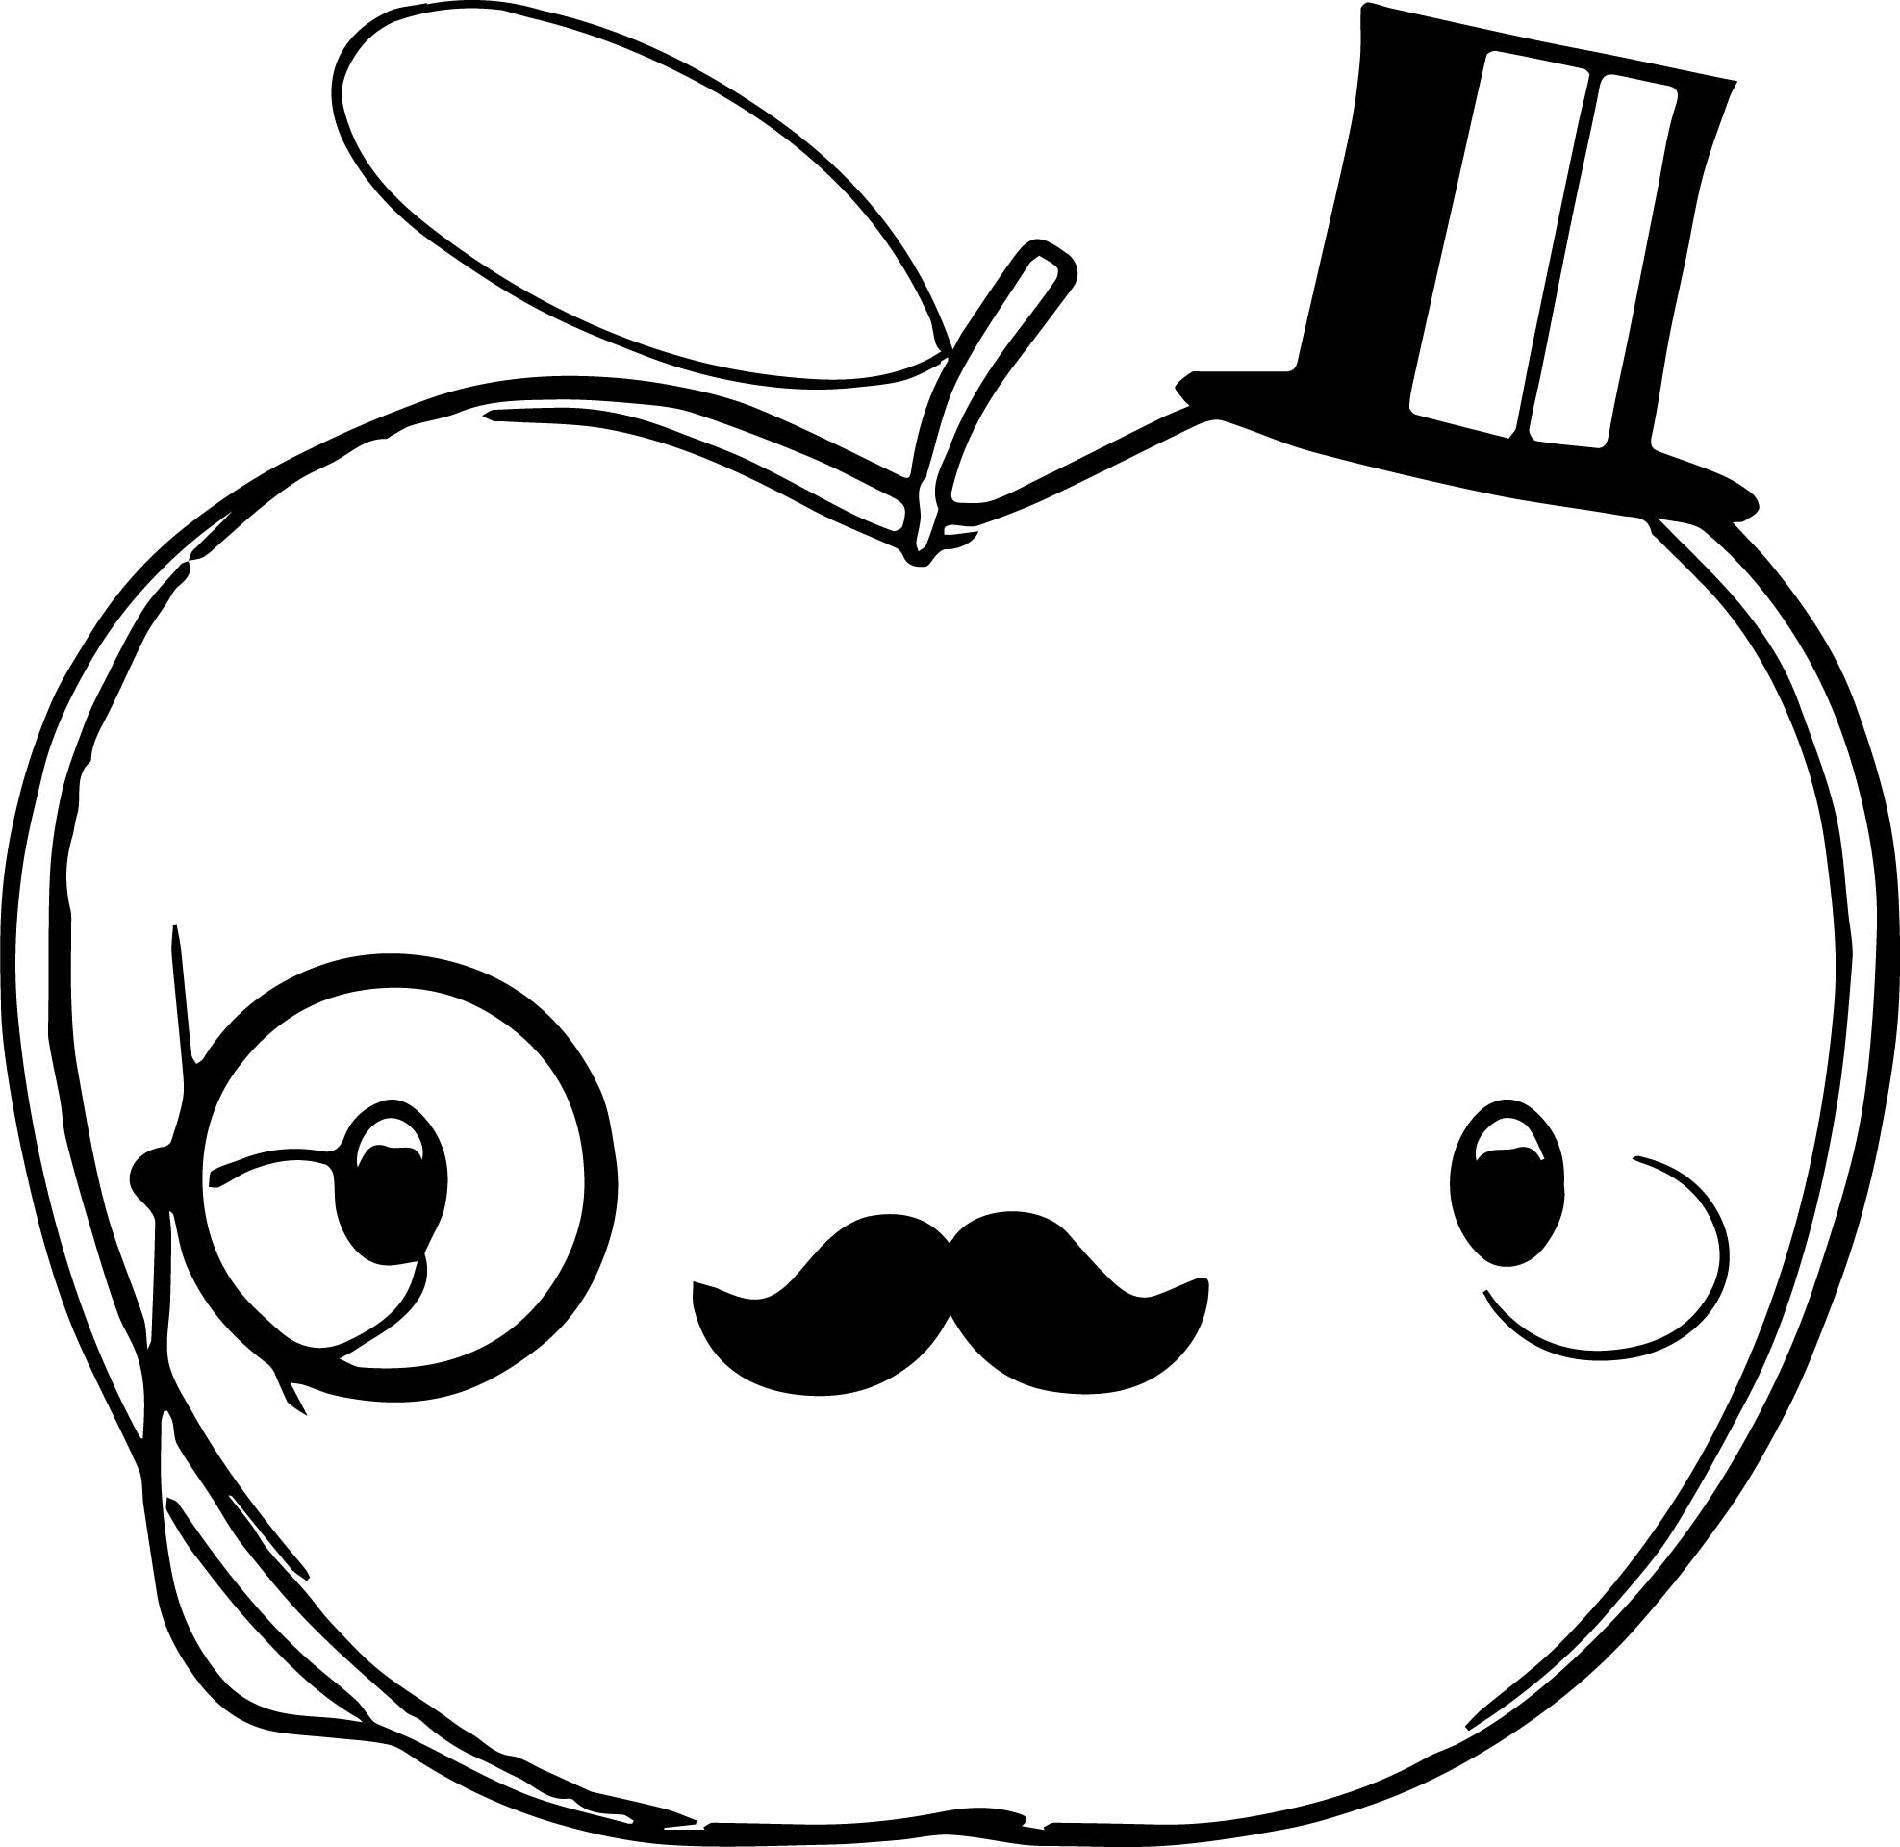 Tranh tô màu quả táo đáng yêu